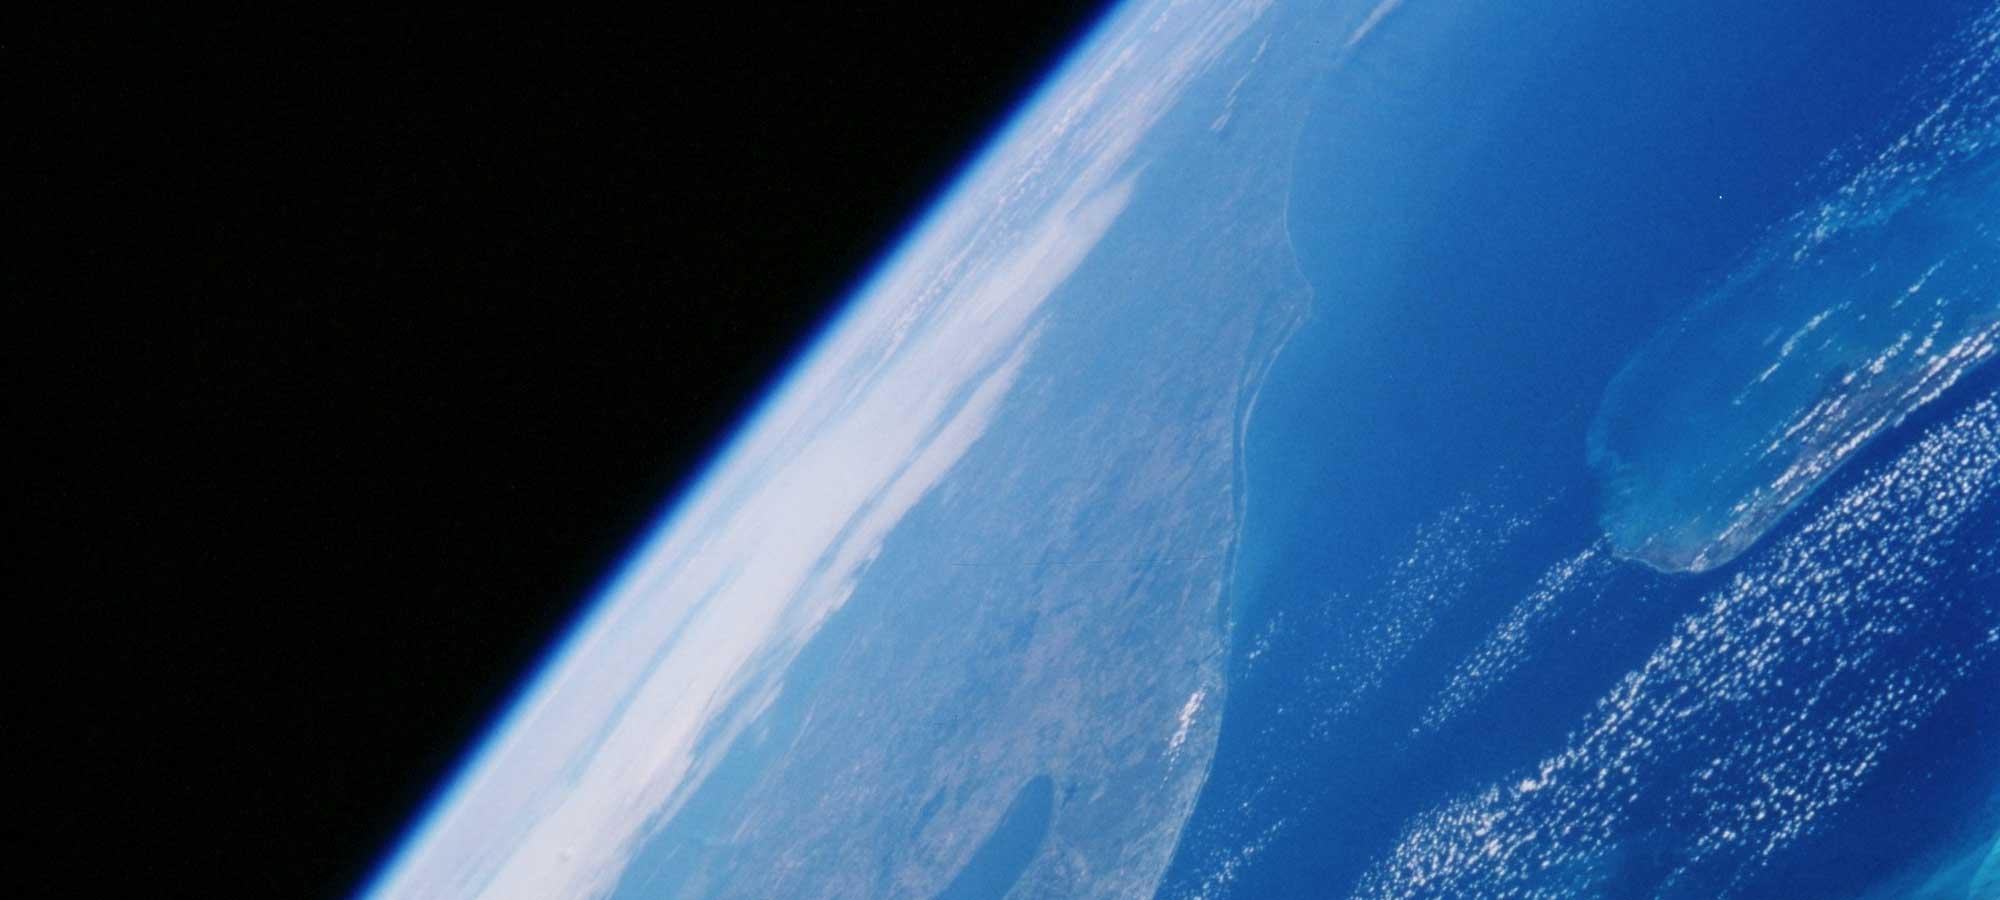 RyT 2018, rymdtekniska tillämpningar